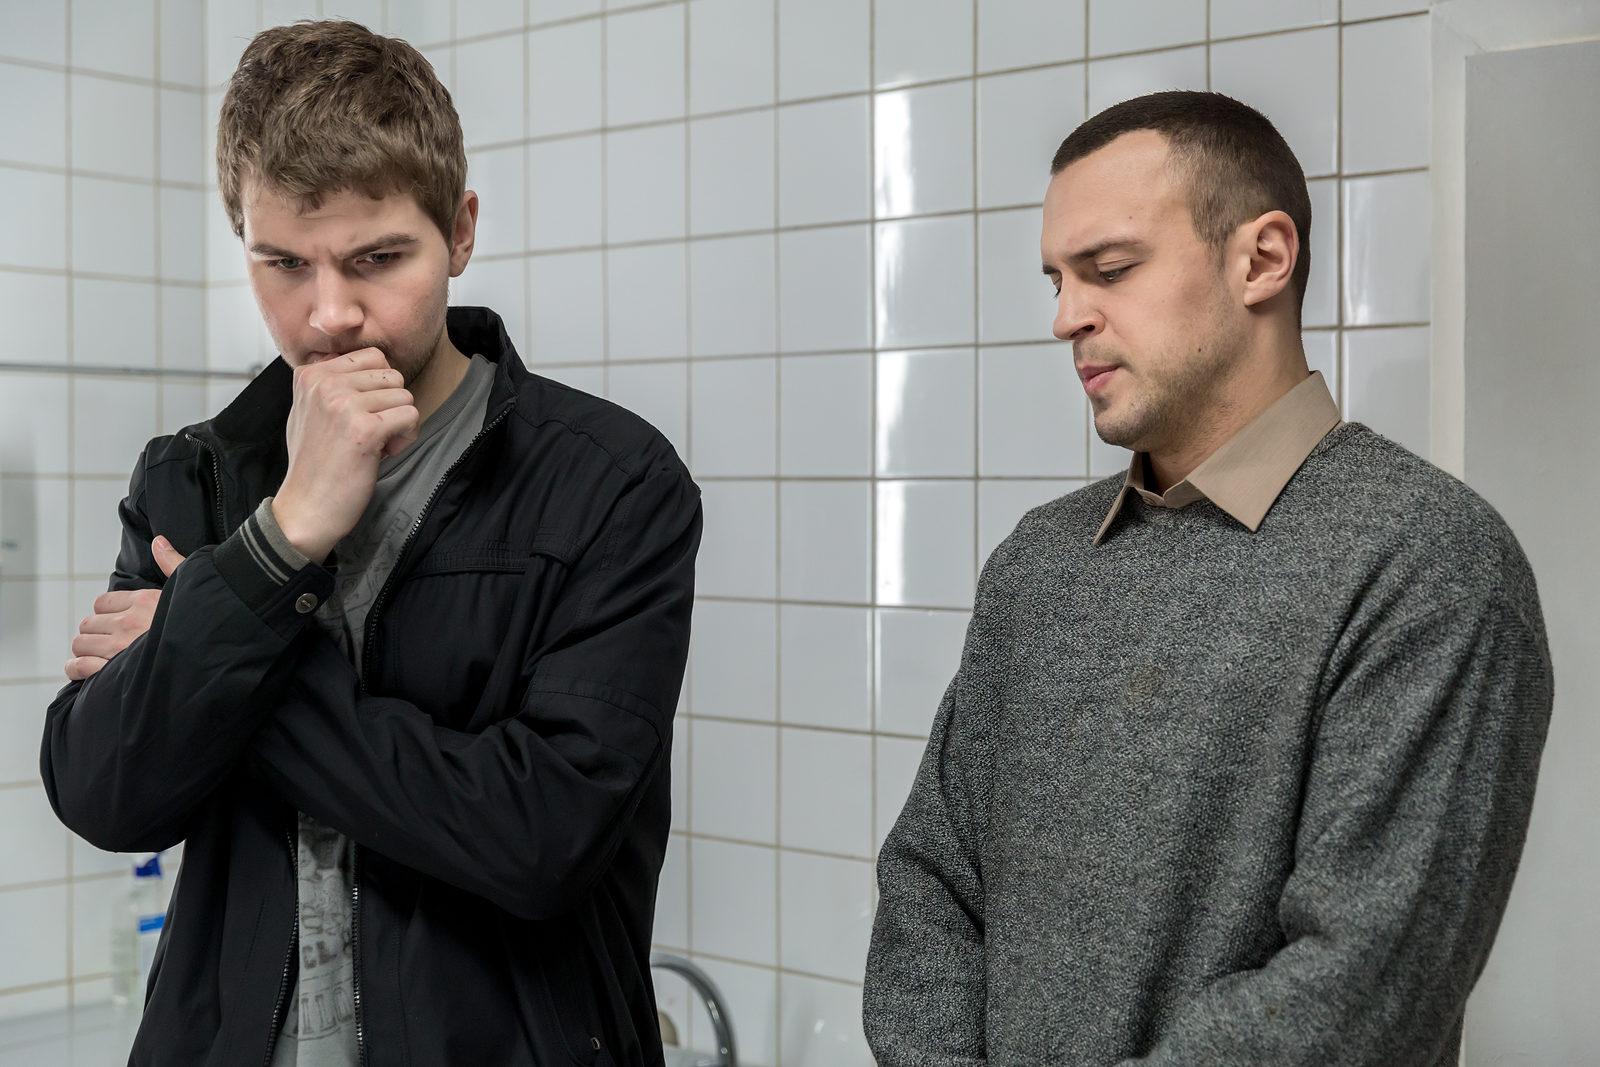 Завершились съемки сериала «Горячая точка» с Робаком, Жуковым и Поповым